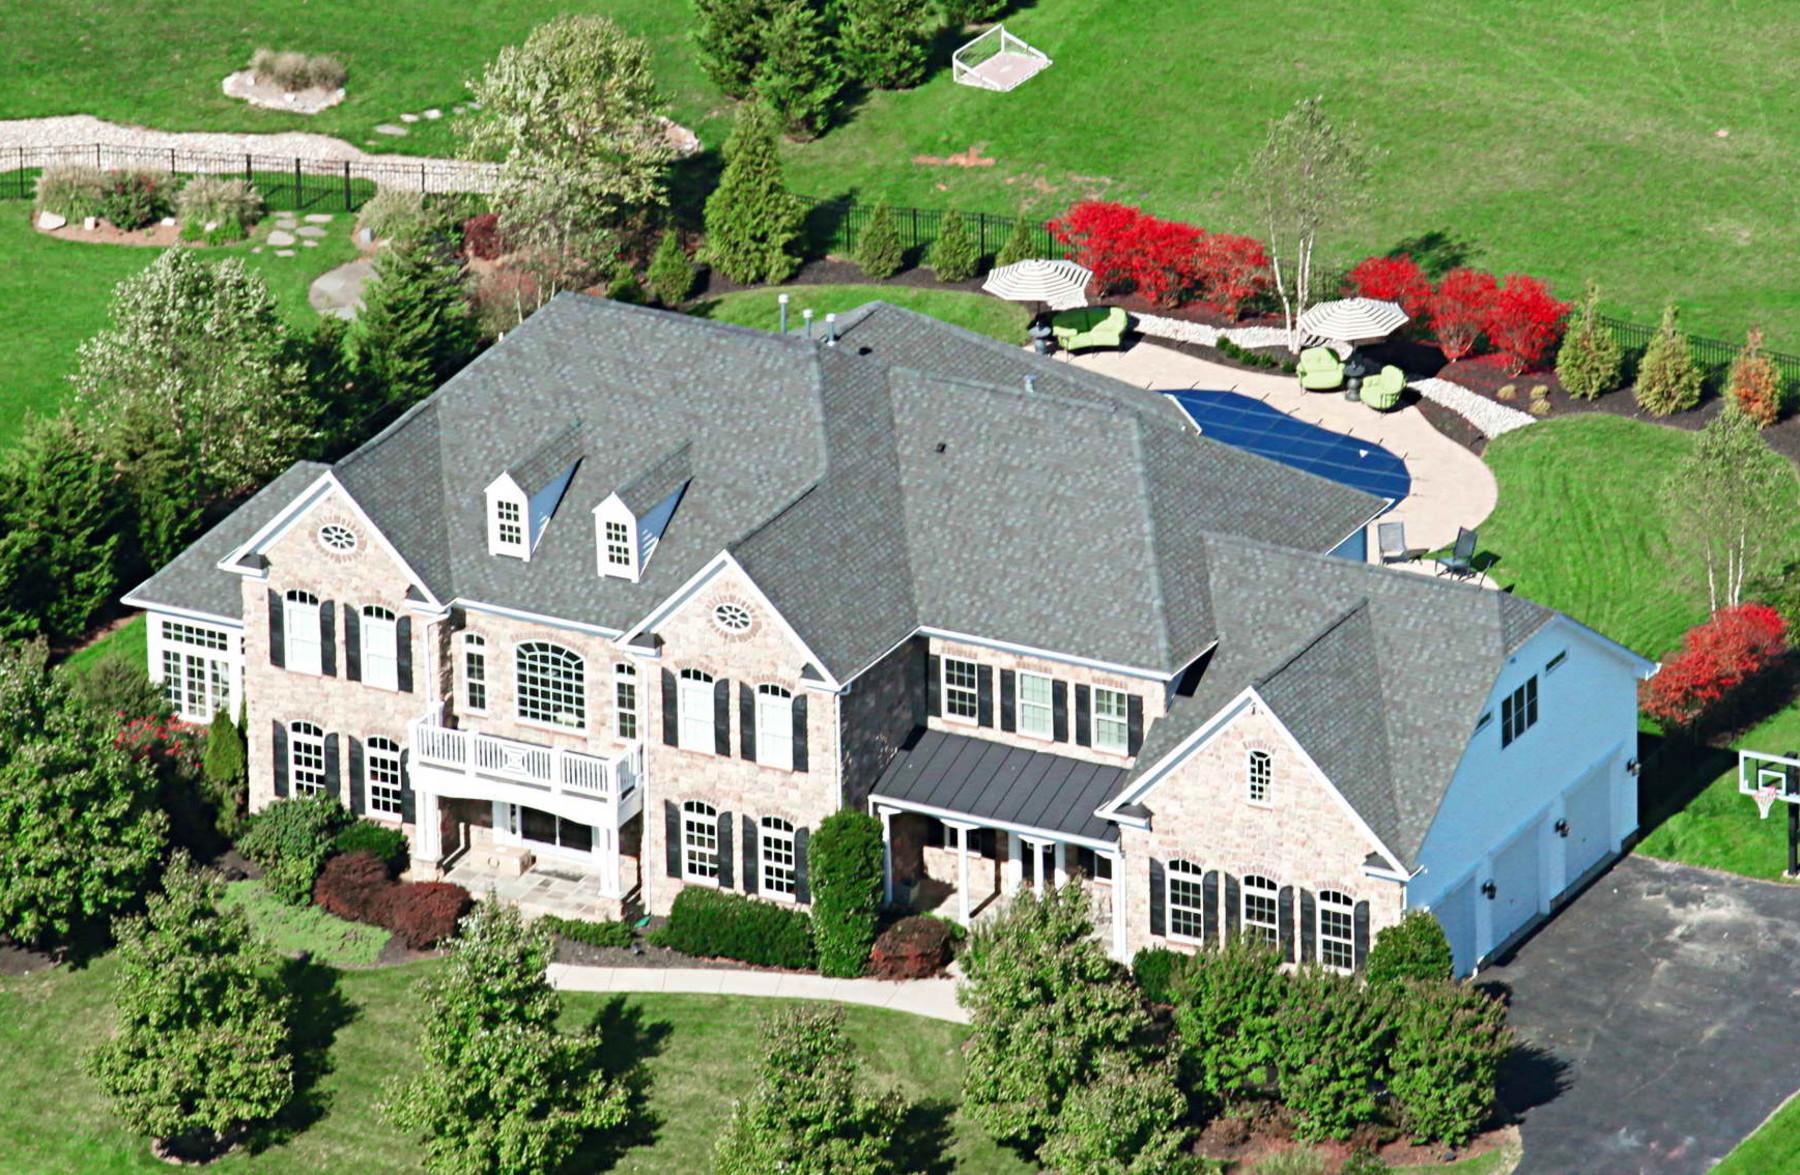 단독 가정 주택 용 매매 에 Former Model Home with Pool 41958 Greenlook Ln Ashburn, 버지니아 20148 미국